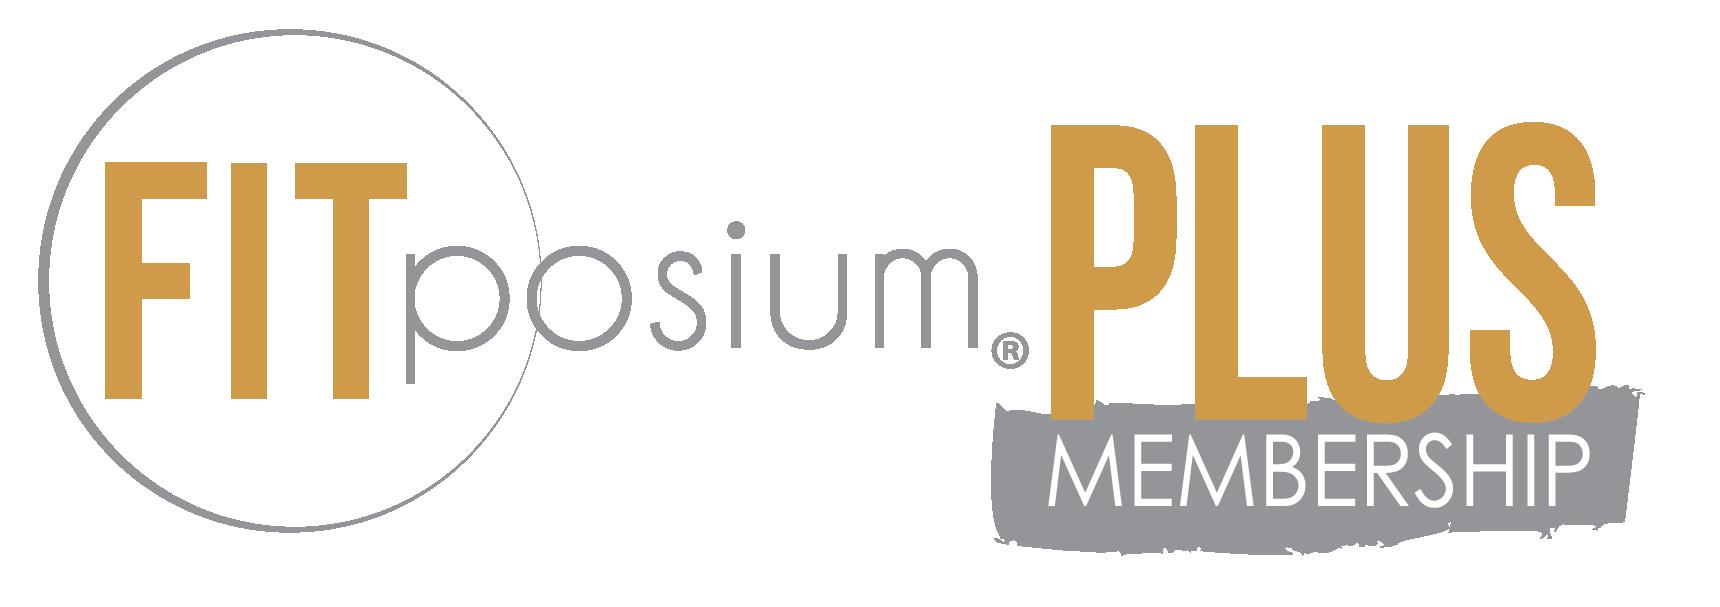 FITposium Plus